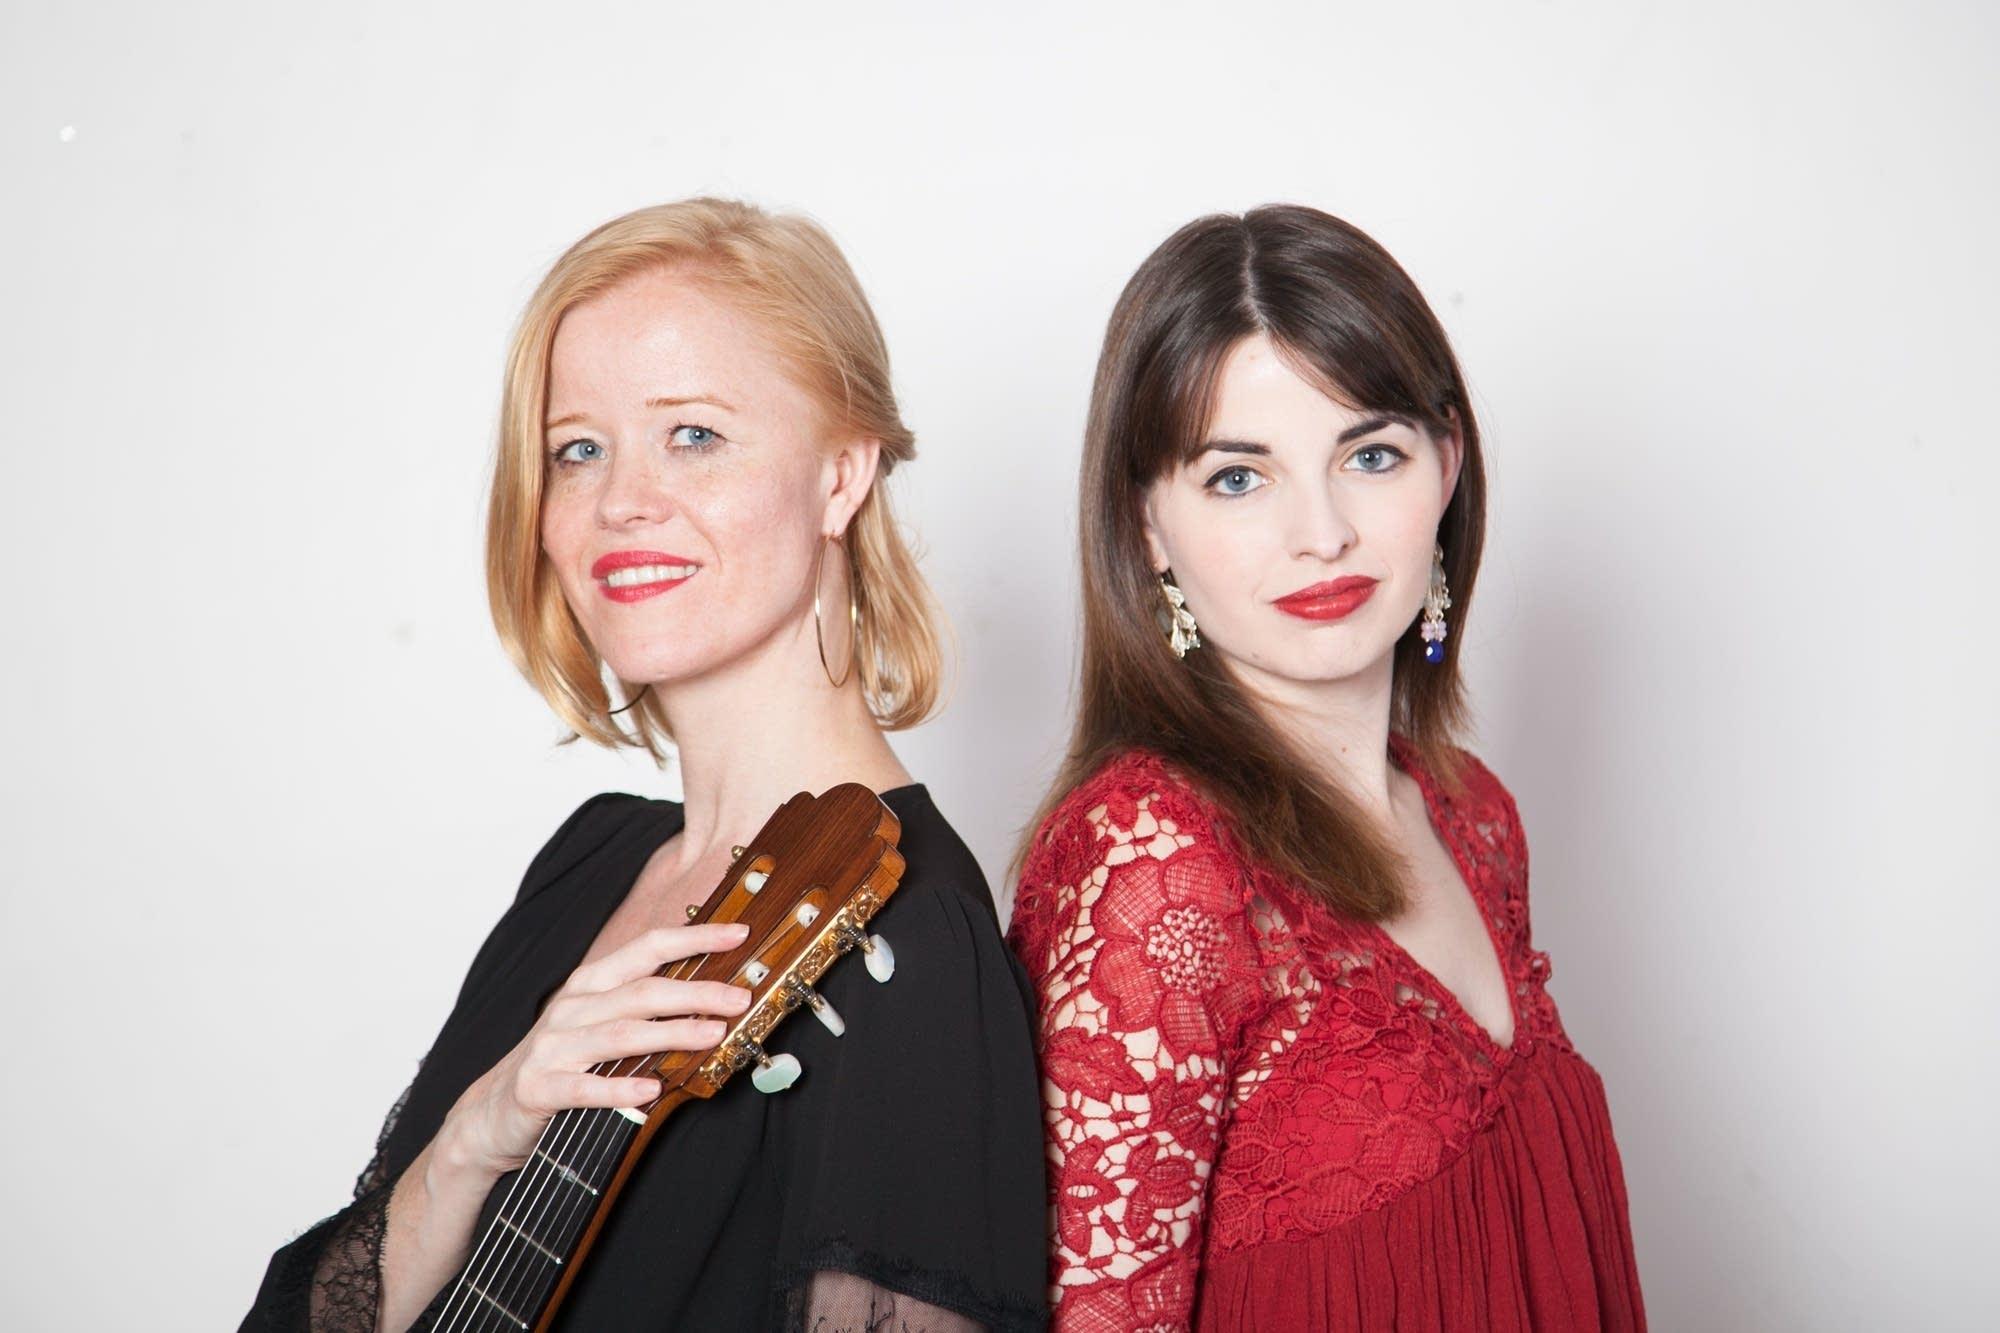 Eva Beneke and Nerea Berraondo